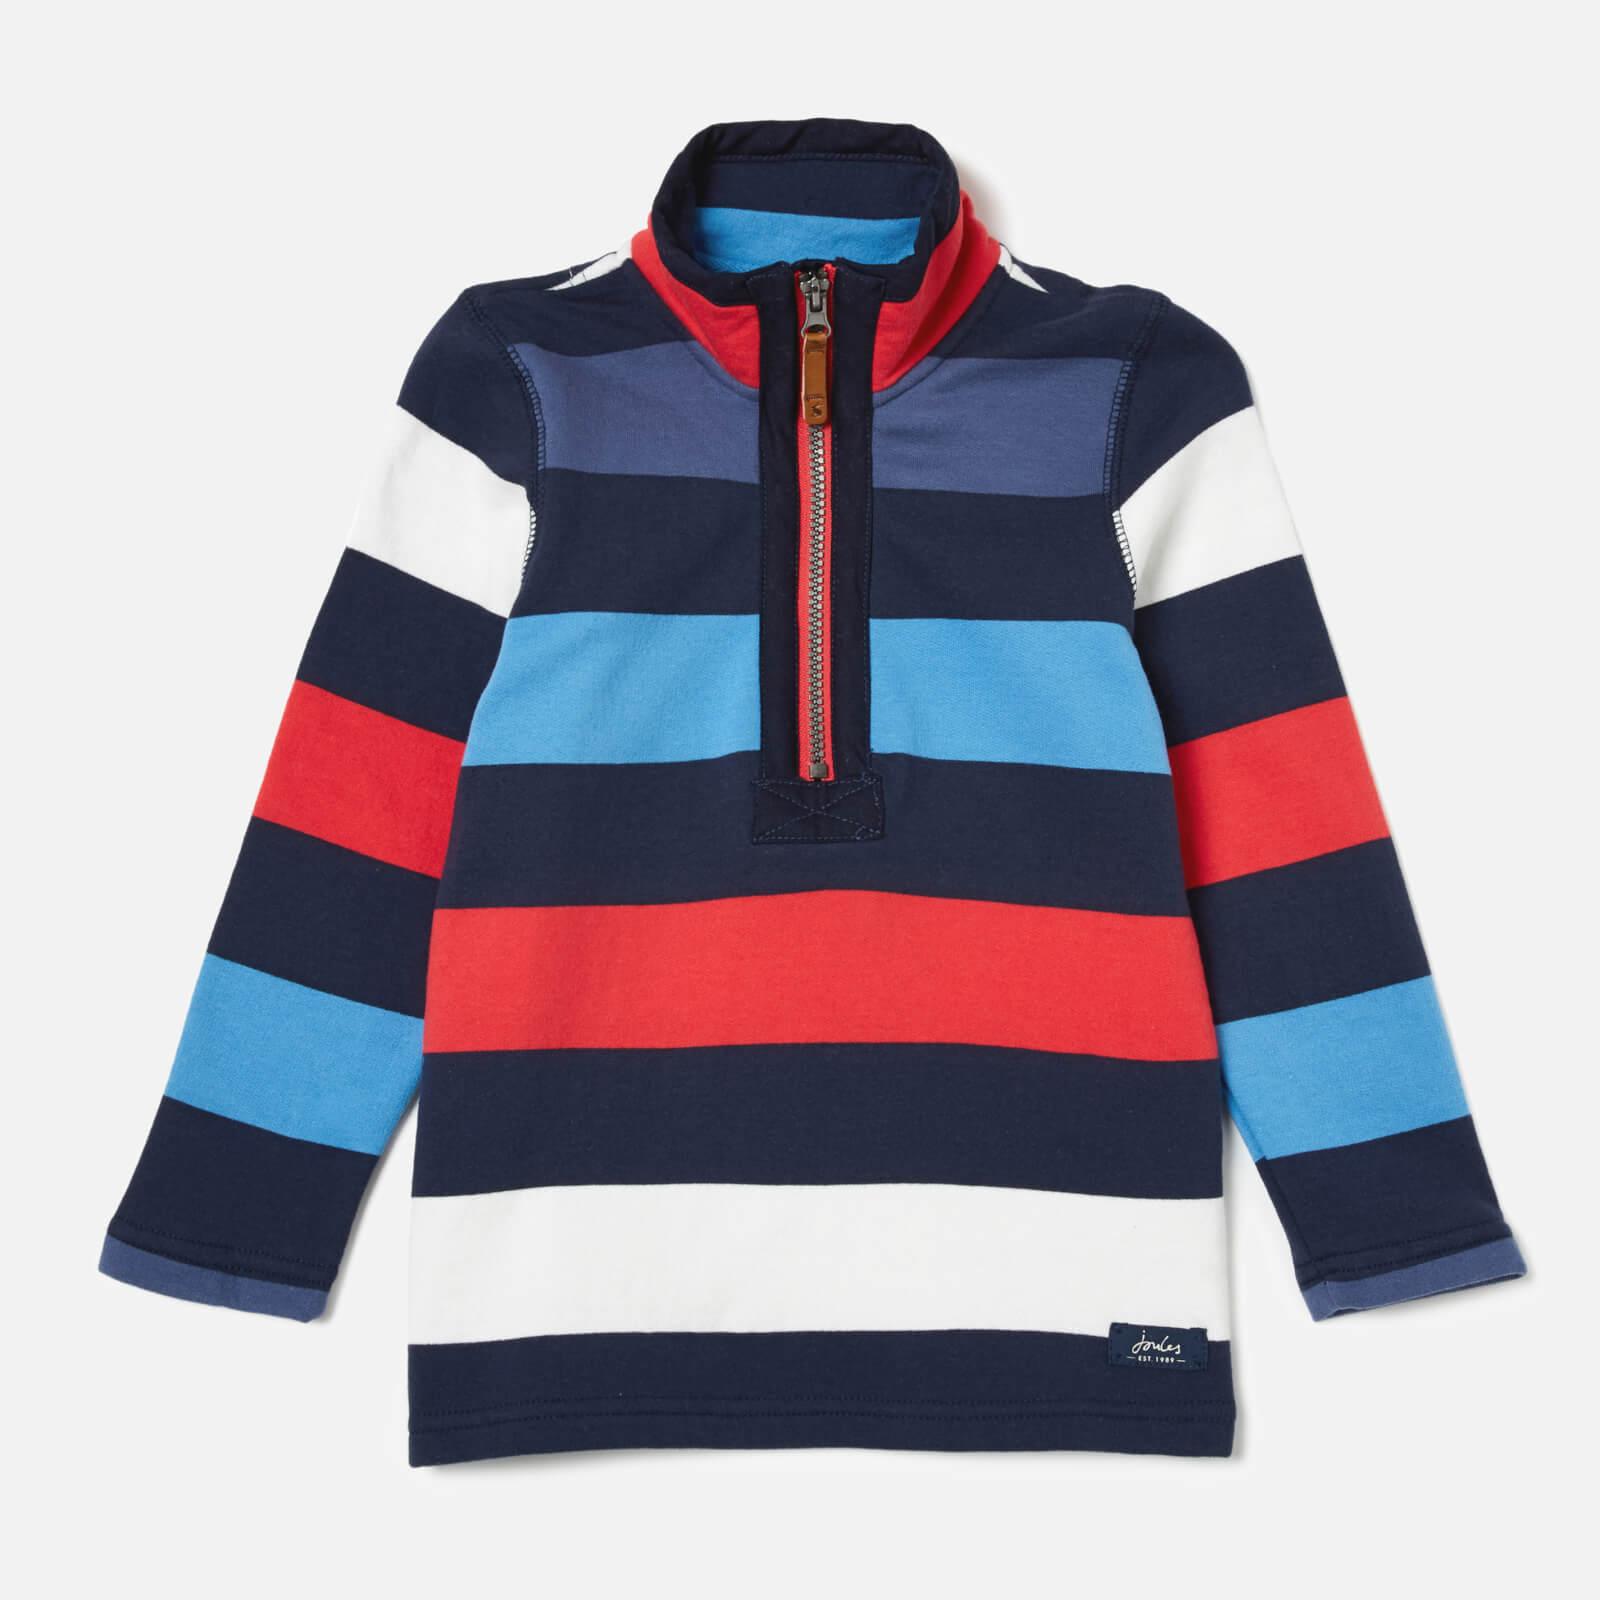 Joules Boys' Dale Half Zip Sweatshirt - Blue Red Stripe - 7-8 Years - Multi